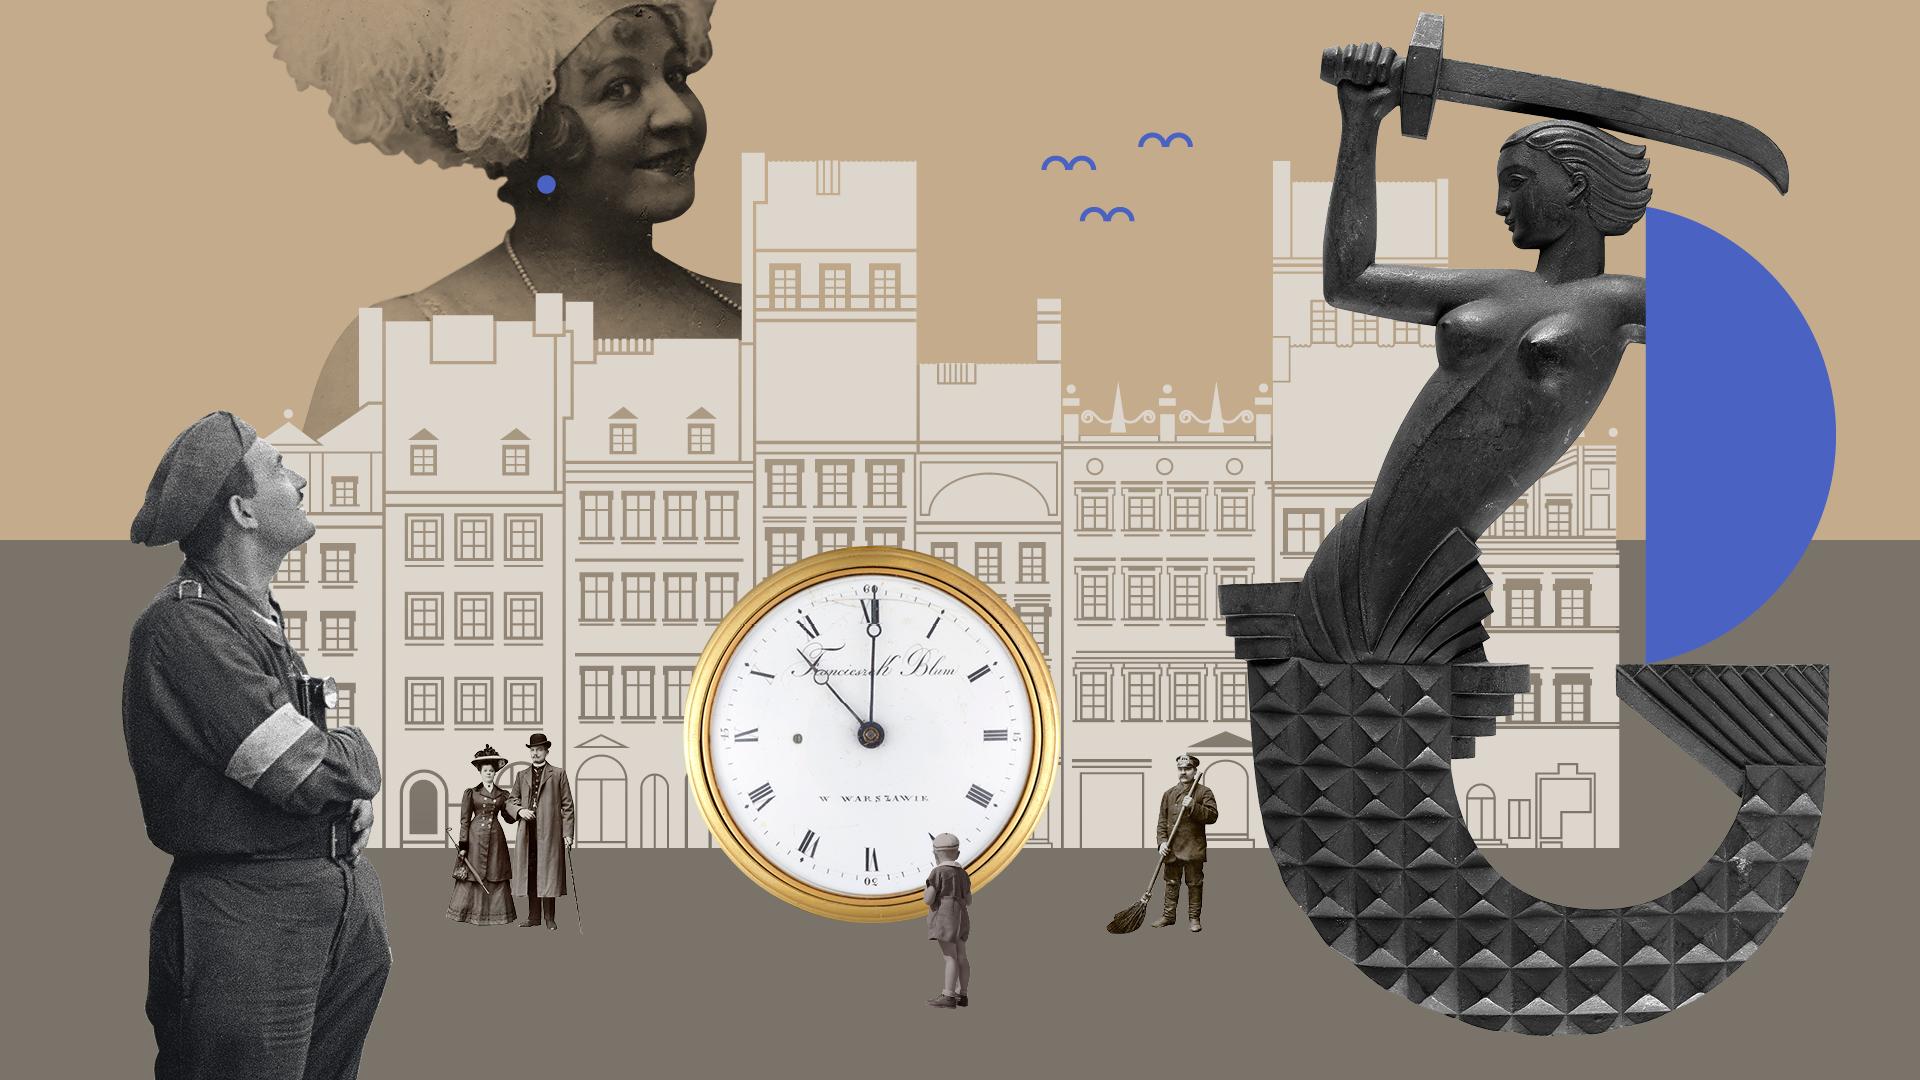 Grafika kolaż. Beżowe tło. 8 białych kamienic Muzeum Warszawy. Zza nich wystaje postać tancerki ze starego zdjęcia. Włosy ma upięte w wysoki kok z piórem, korale na szyi, szeroki uśmiech. W miejscu kolczyka niebieska kropka. W tle niebieskie ikony ptaków (połączone dwa łuki). W lewym dolnym rogu postać powstańca z opaską na przedramieniu, zadziera głowę do góry, patrzy w niebo. Po prawej na dalszym planie dziwiętnastowieczna para. Obok złoty kieszonkowy zegar. Przed nim tyłem stoi mały chłopiec w czapce i krótkich spodenkach. Po prawej stronie mosiężna syrenka warszawska. Zamiast tarczy ma niebieskie półkole. Pomiędzy zegarem a syrenką postać zamiatającego stróża.